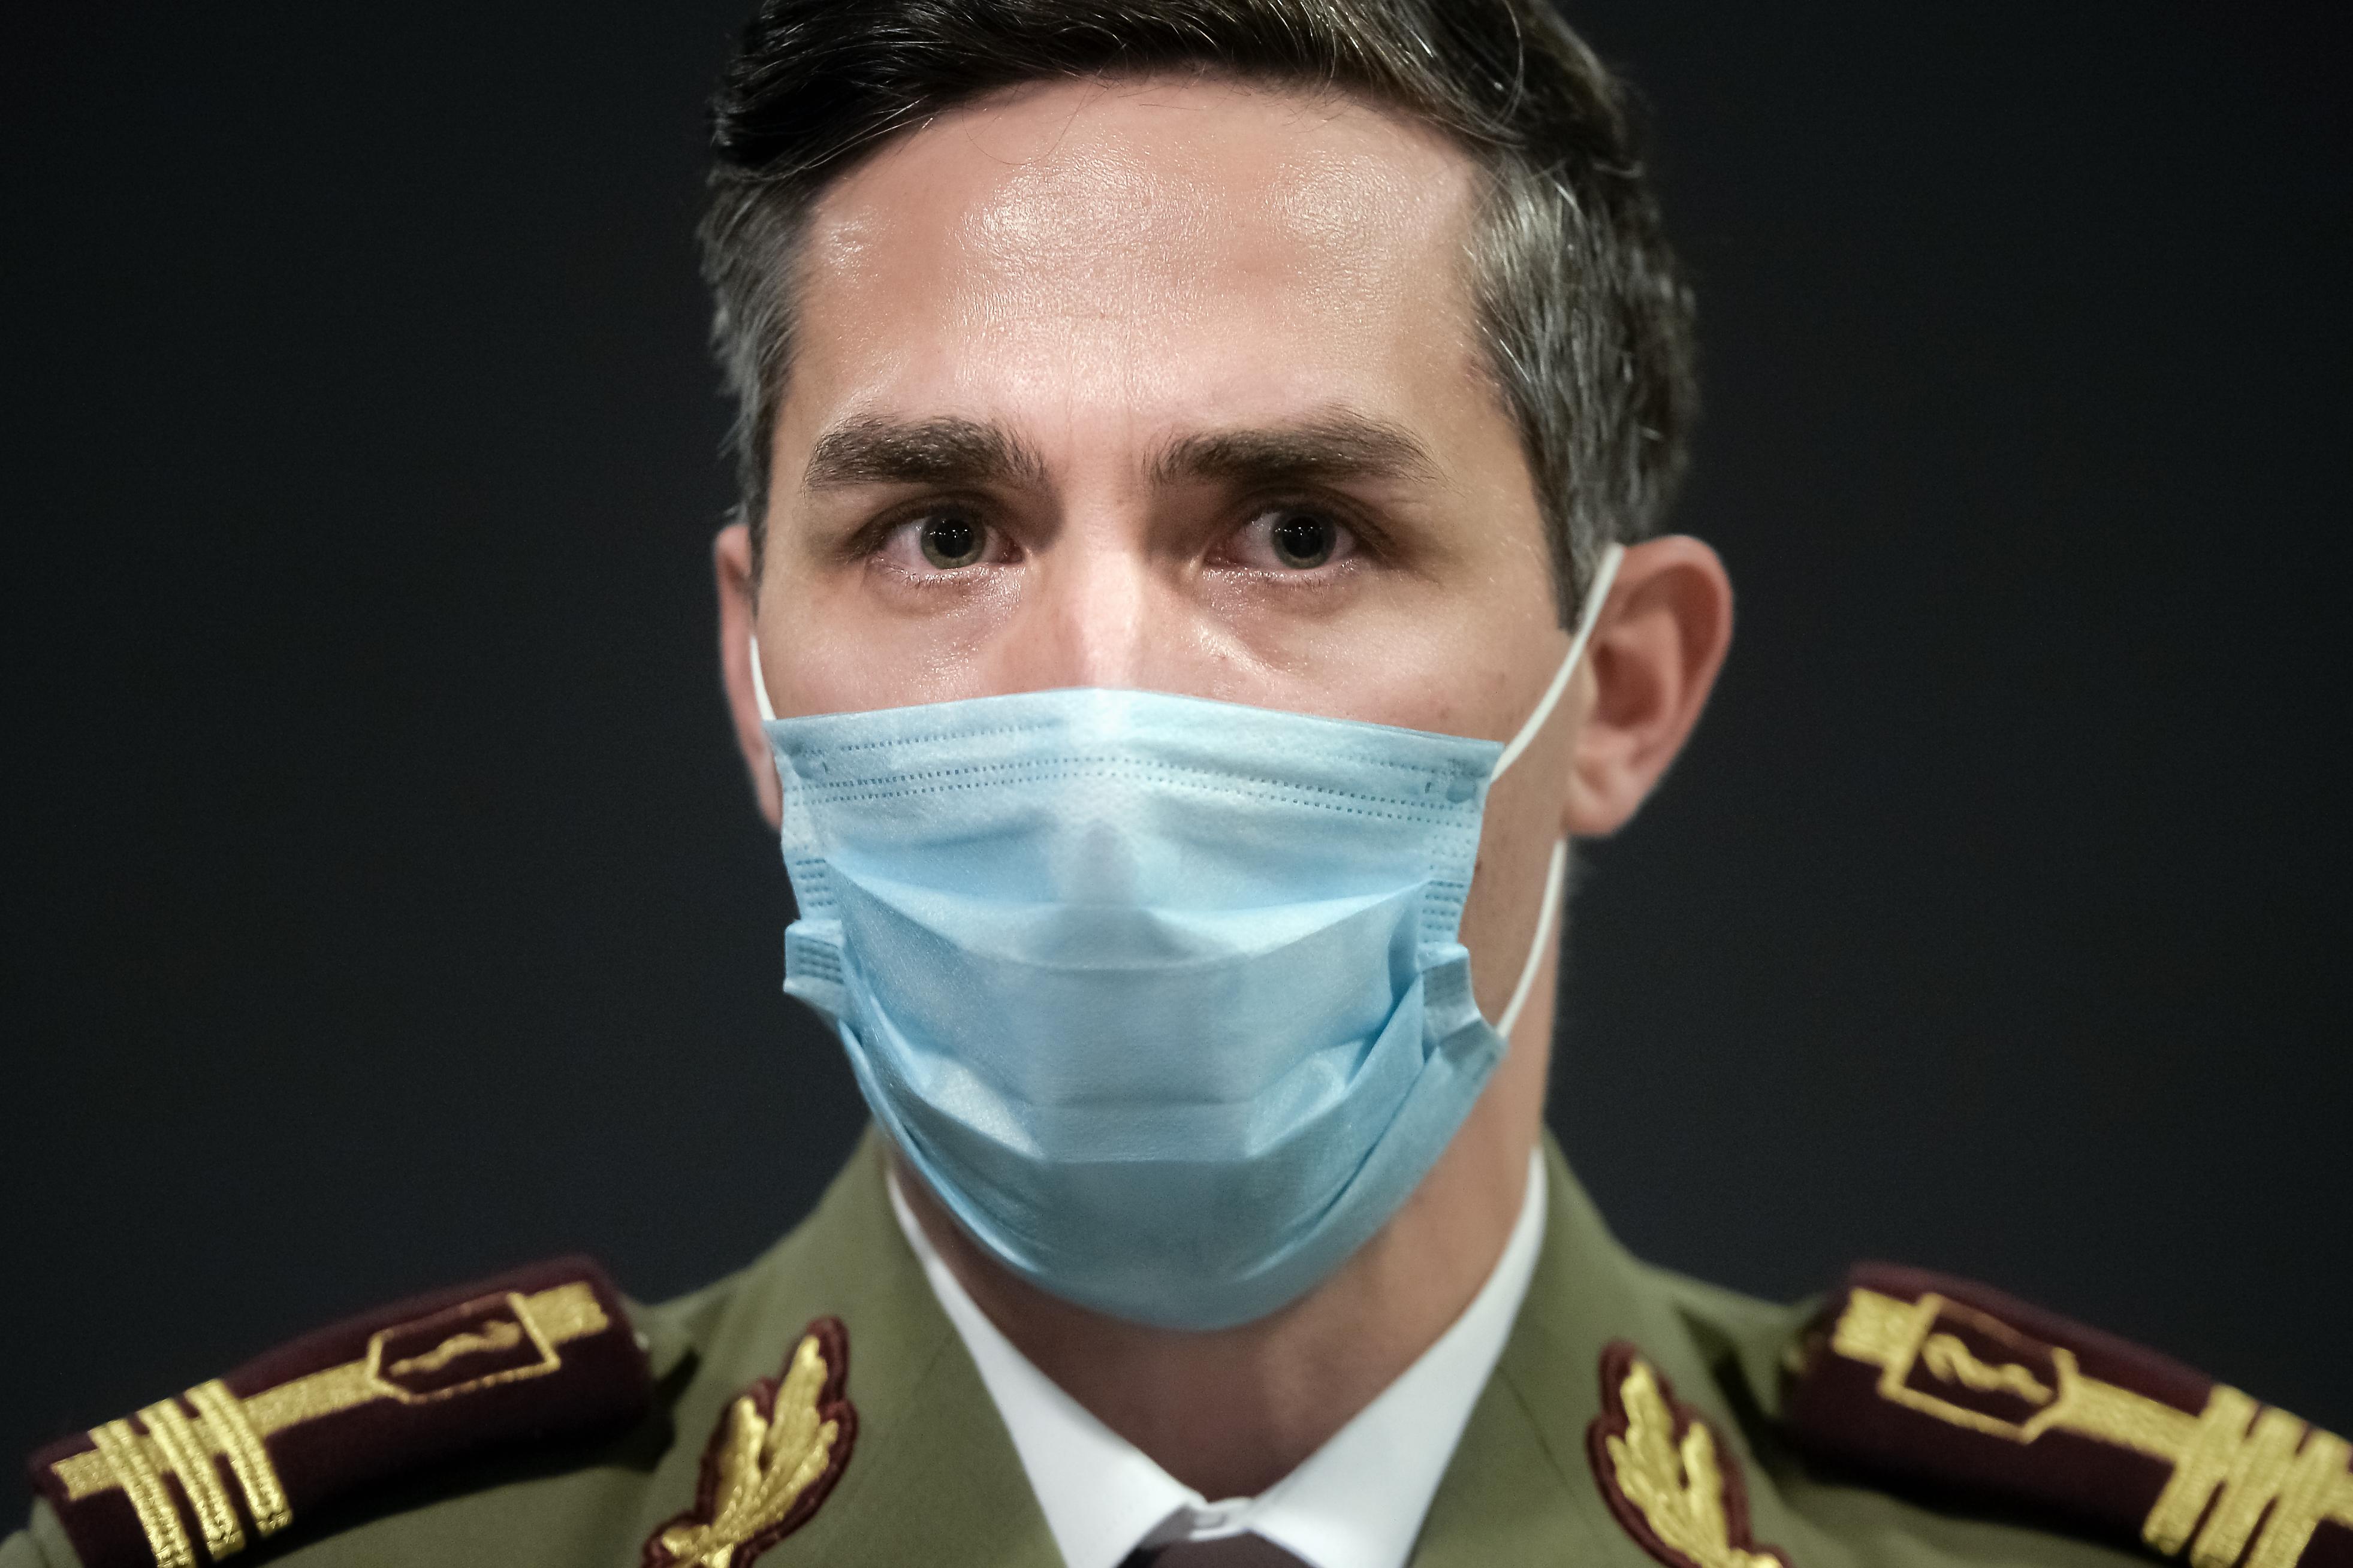 Vaccinarea cu AstraZeneca în România. Valeriu Gheorghiţă: Niciun caz de tromboză, după aproape 400.000 de doze administrate